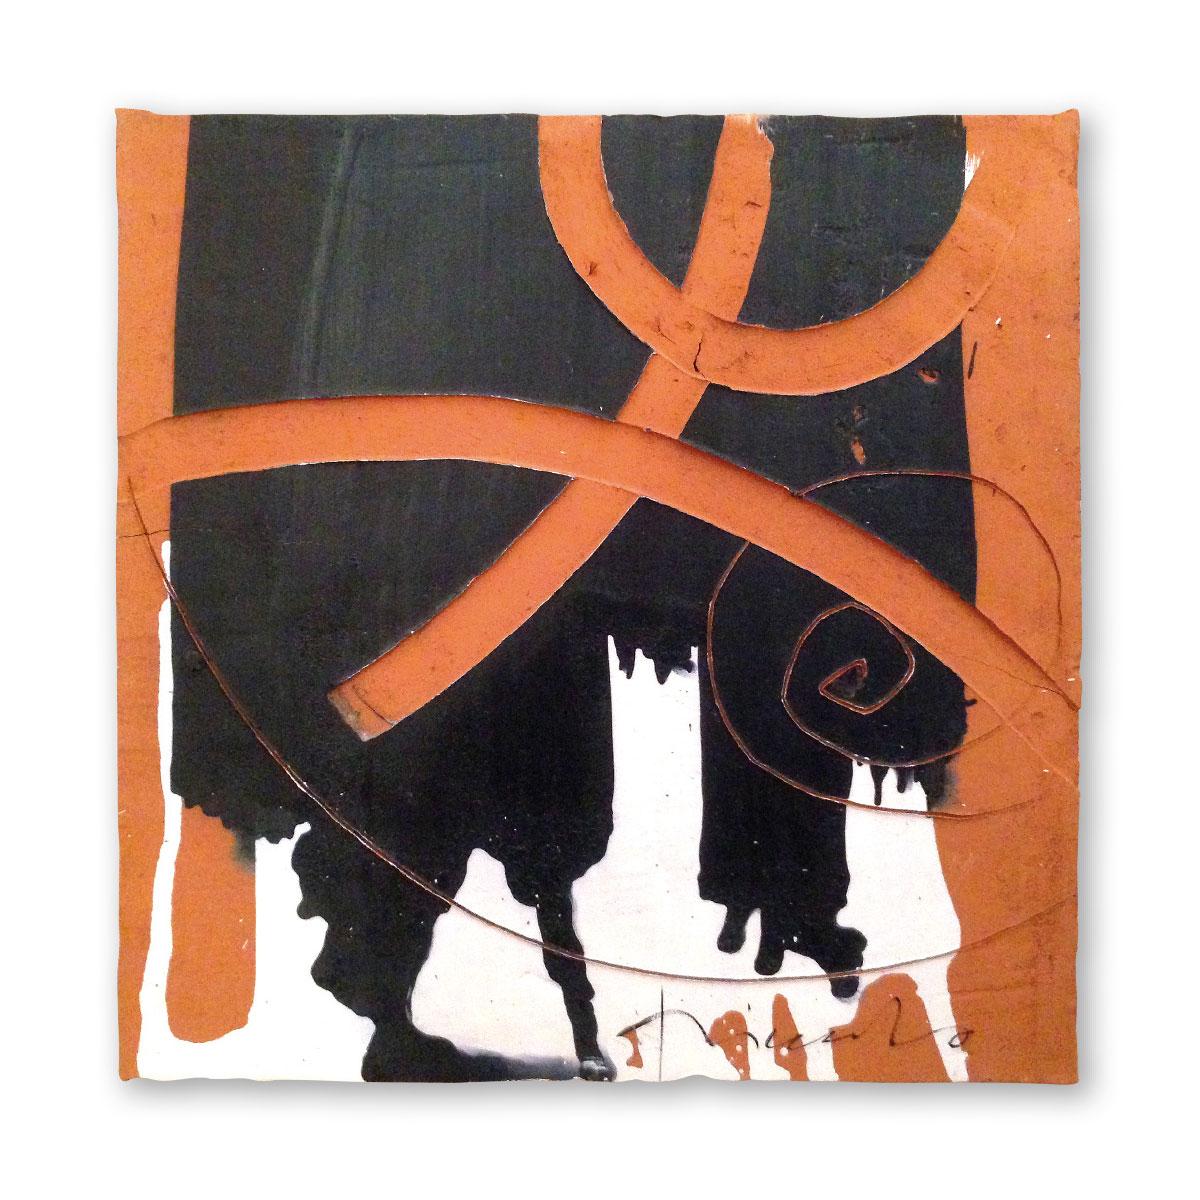 L'opera dell'artista Margherita Piccardo acquisita dal Museo a cielo aperto di Denice, dedicato alla ceramica contemporanea